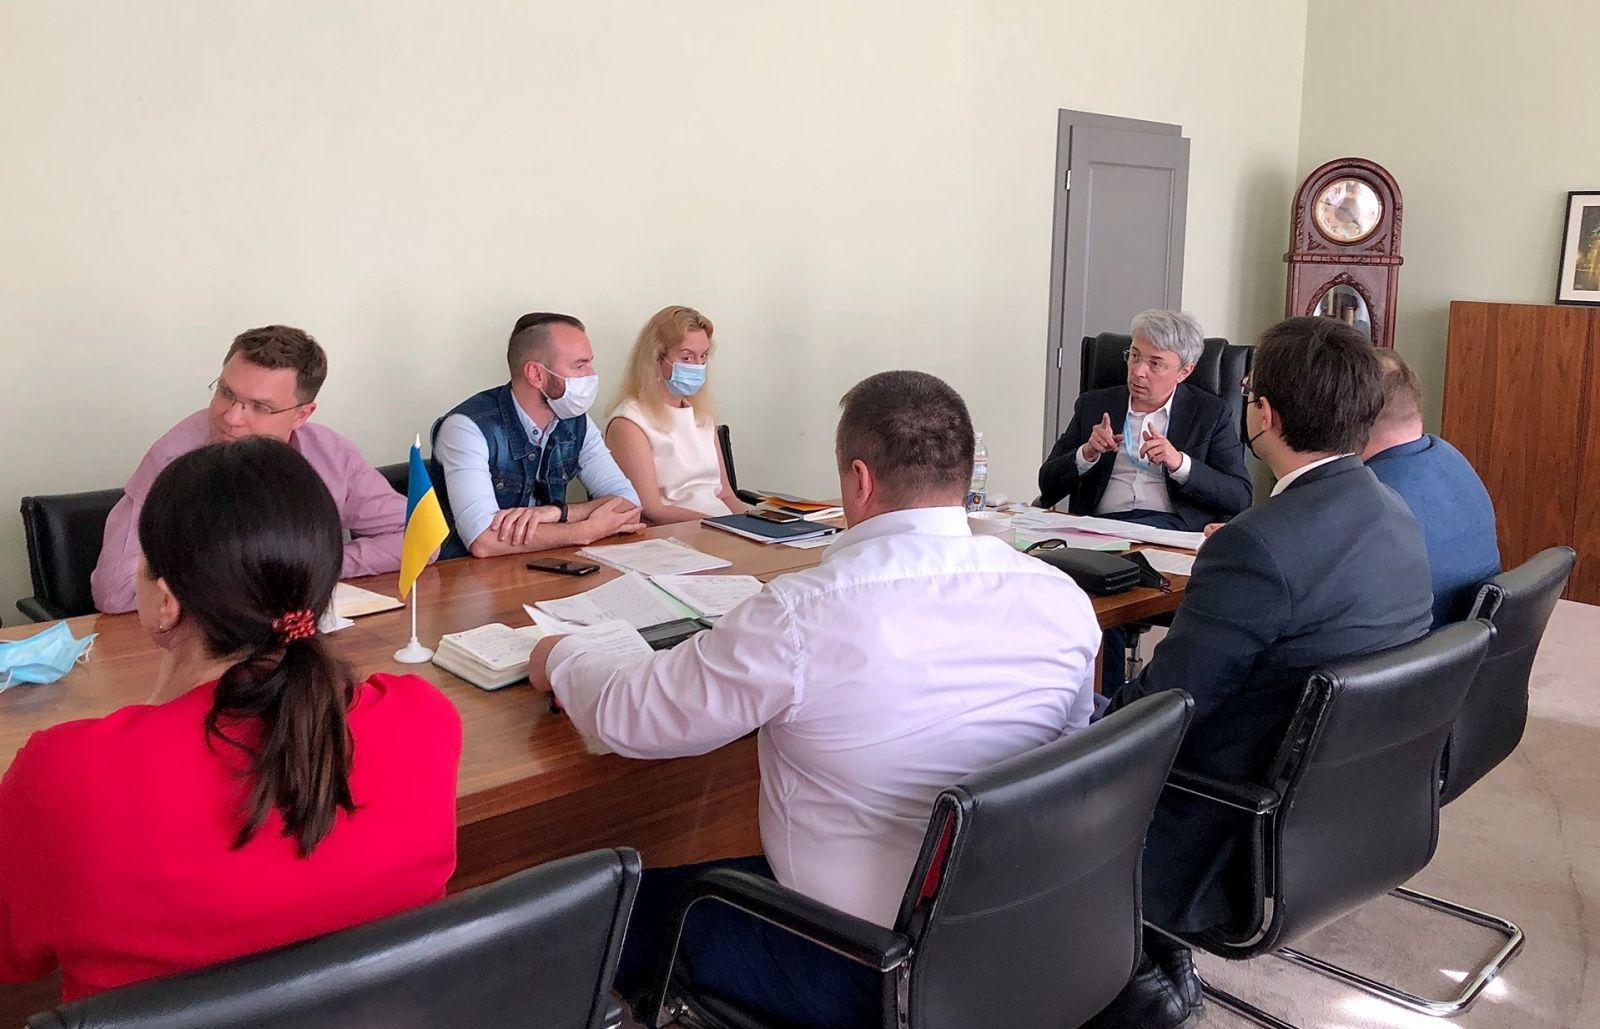 Ткаченко пообещал финансирование Довженко-Центру в полном объеме